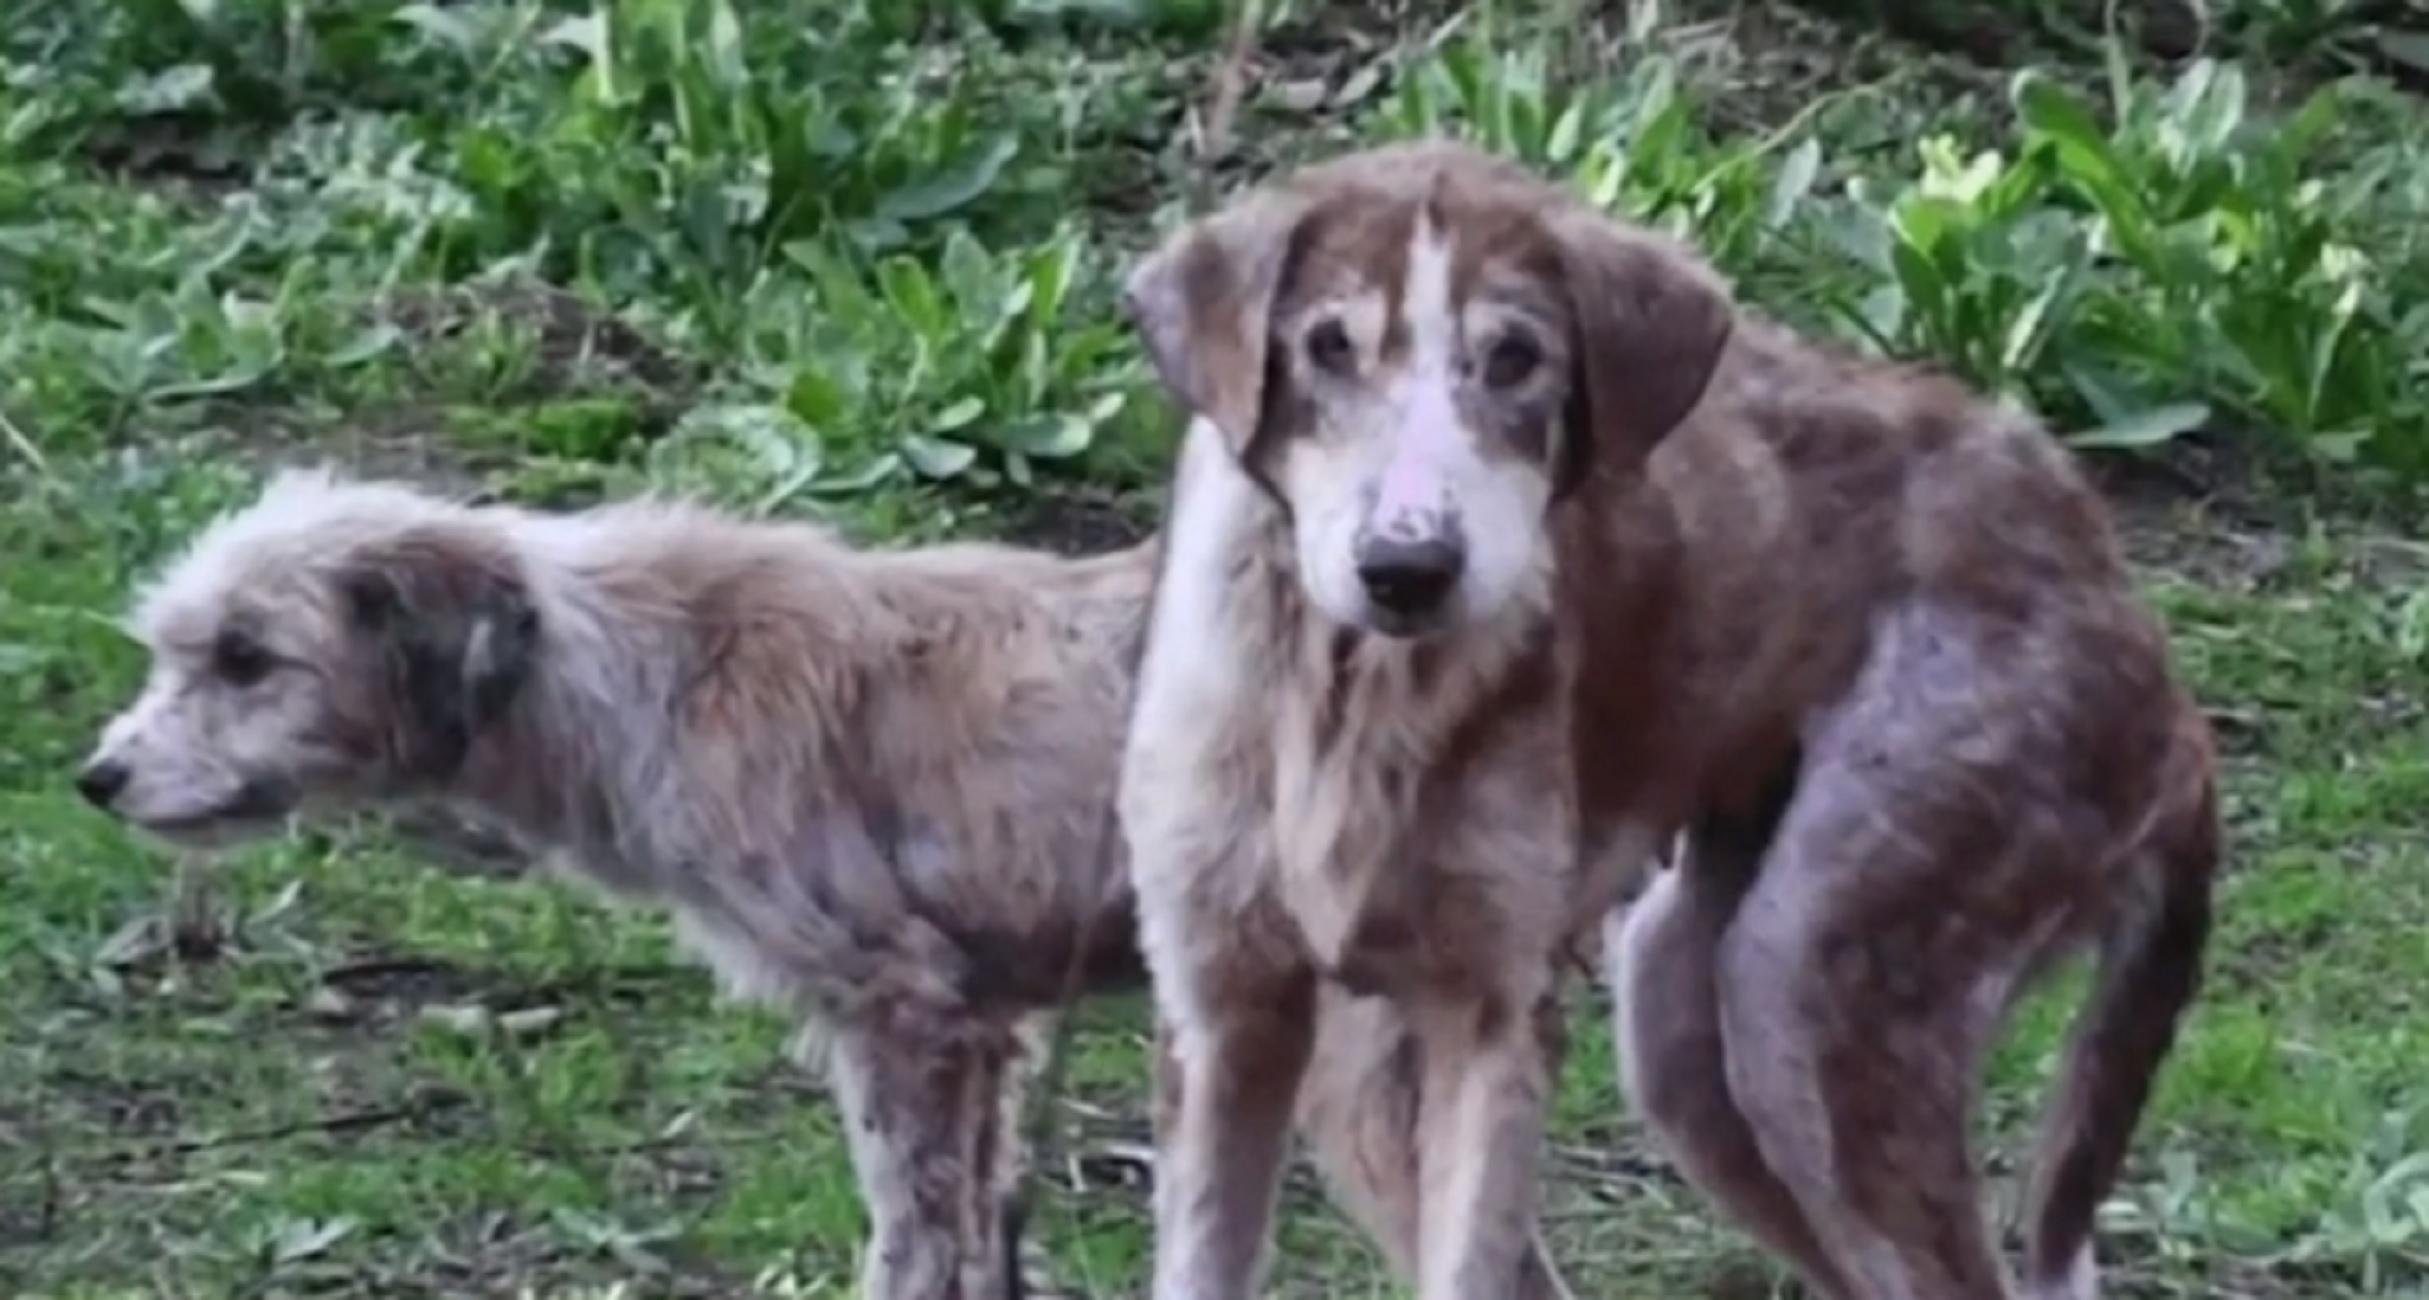 Βόλος: Ανατριχίλα από τις εικόνες 20 βασανισμένων σκύλων – Η άγνωστη αλήθεια πίσω από τα πλάνα (video)